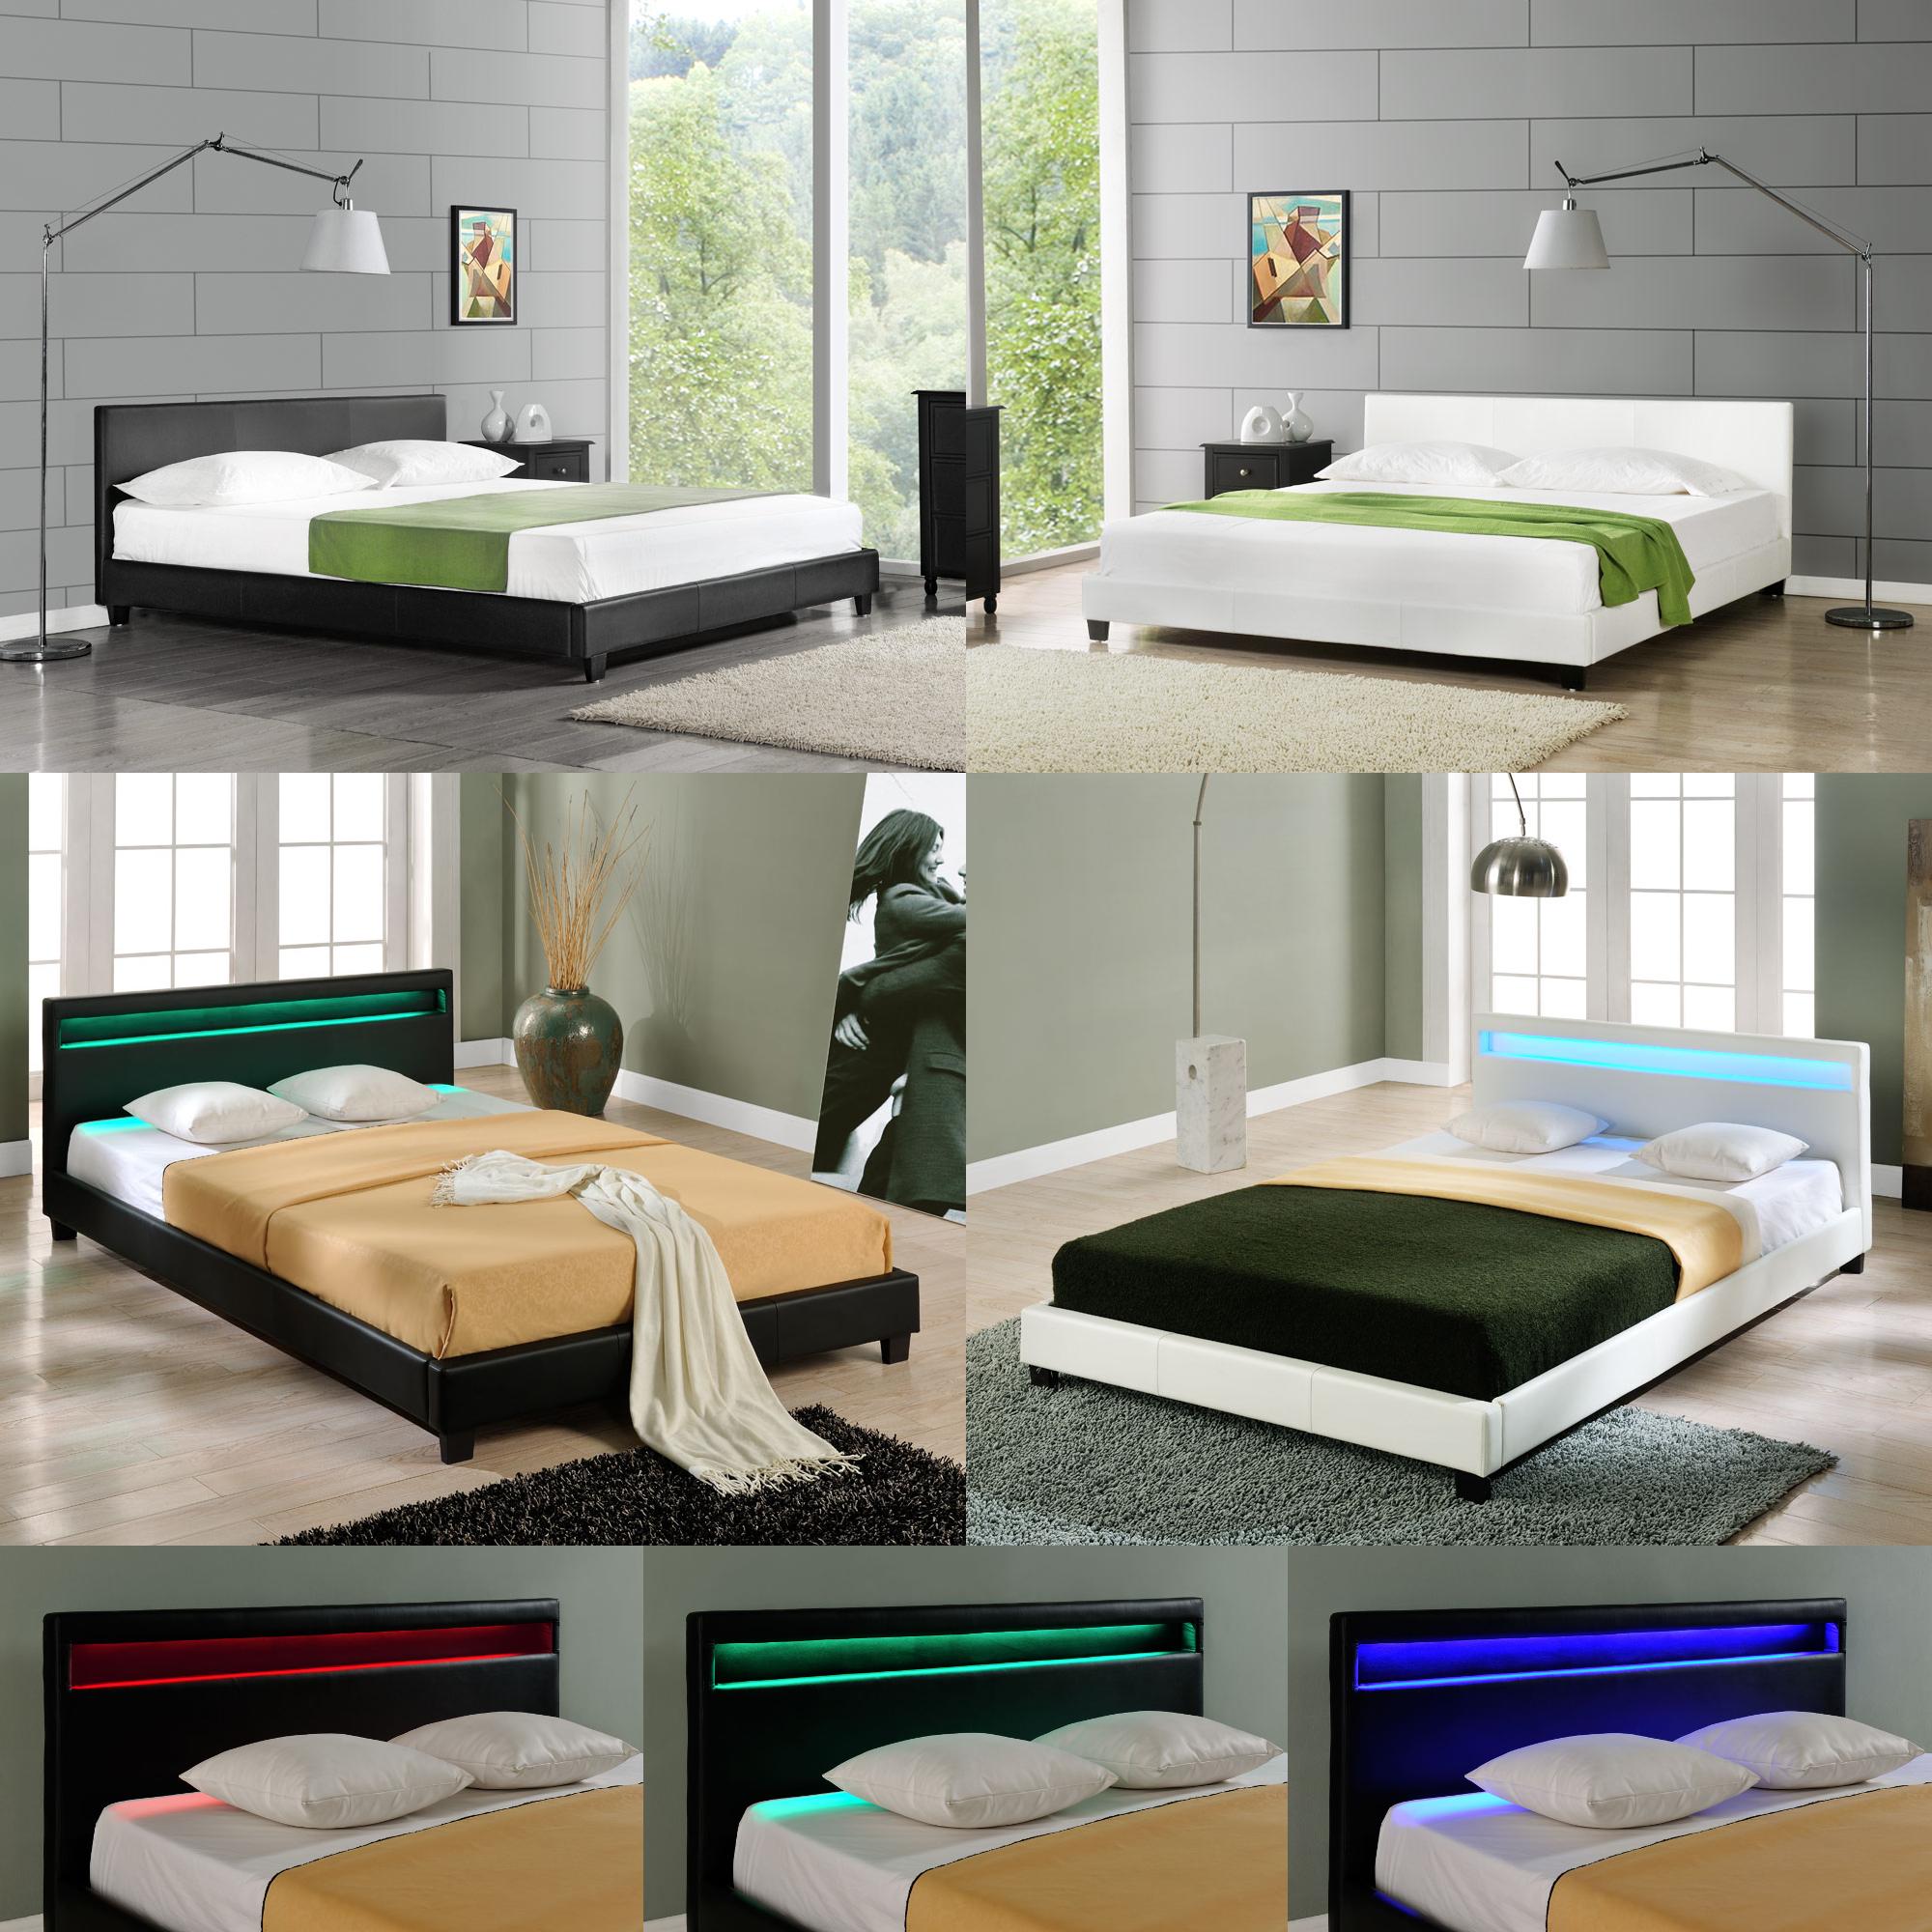 esstisch rund wei h 75cmx 80cm holz tisch retro design k chentisch ebay. Black Bedroom Furniture Sets. Home Design Ideas